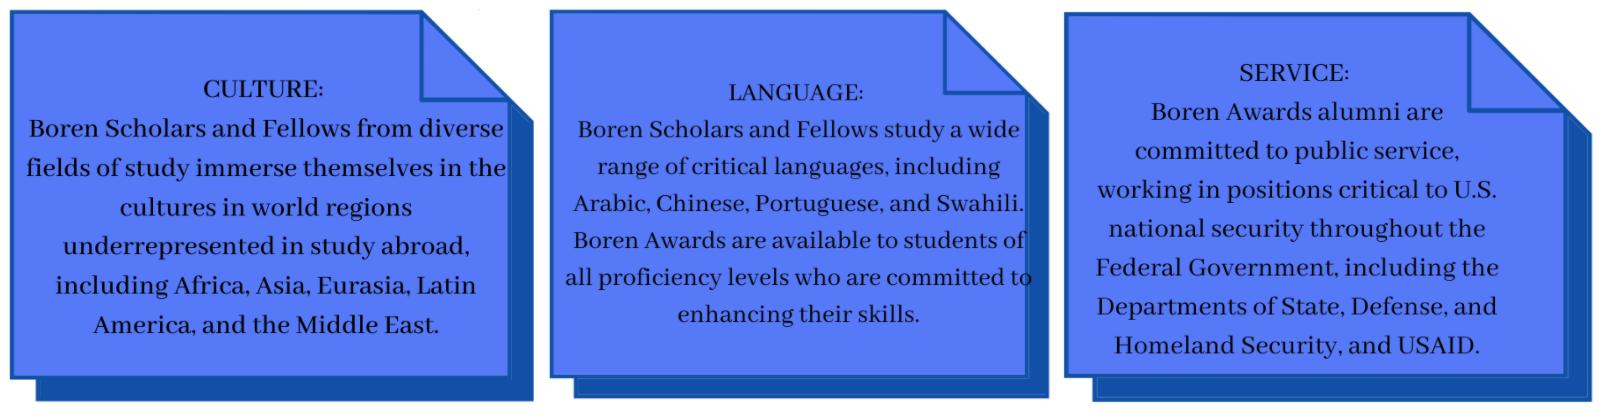 culture,language,service